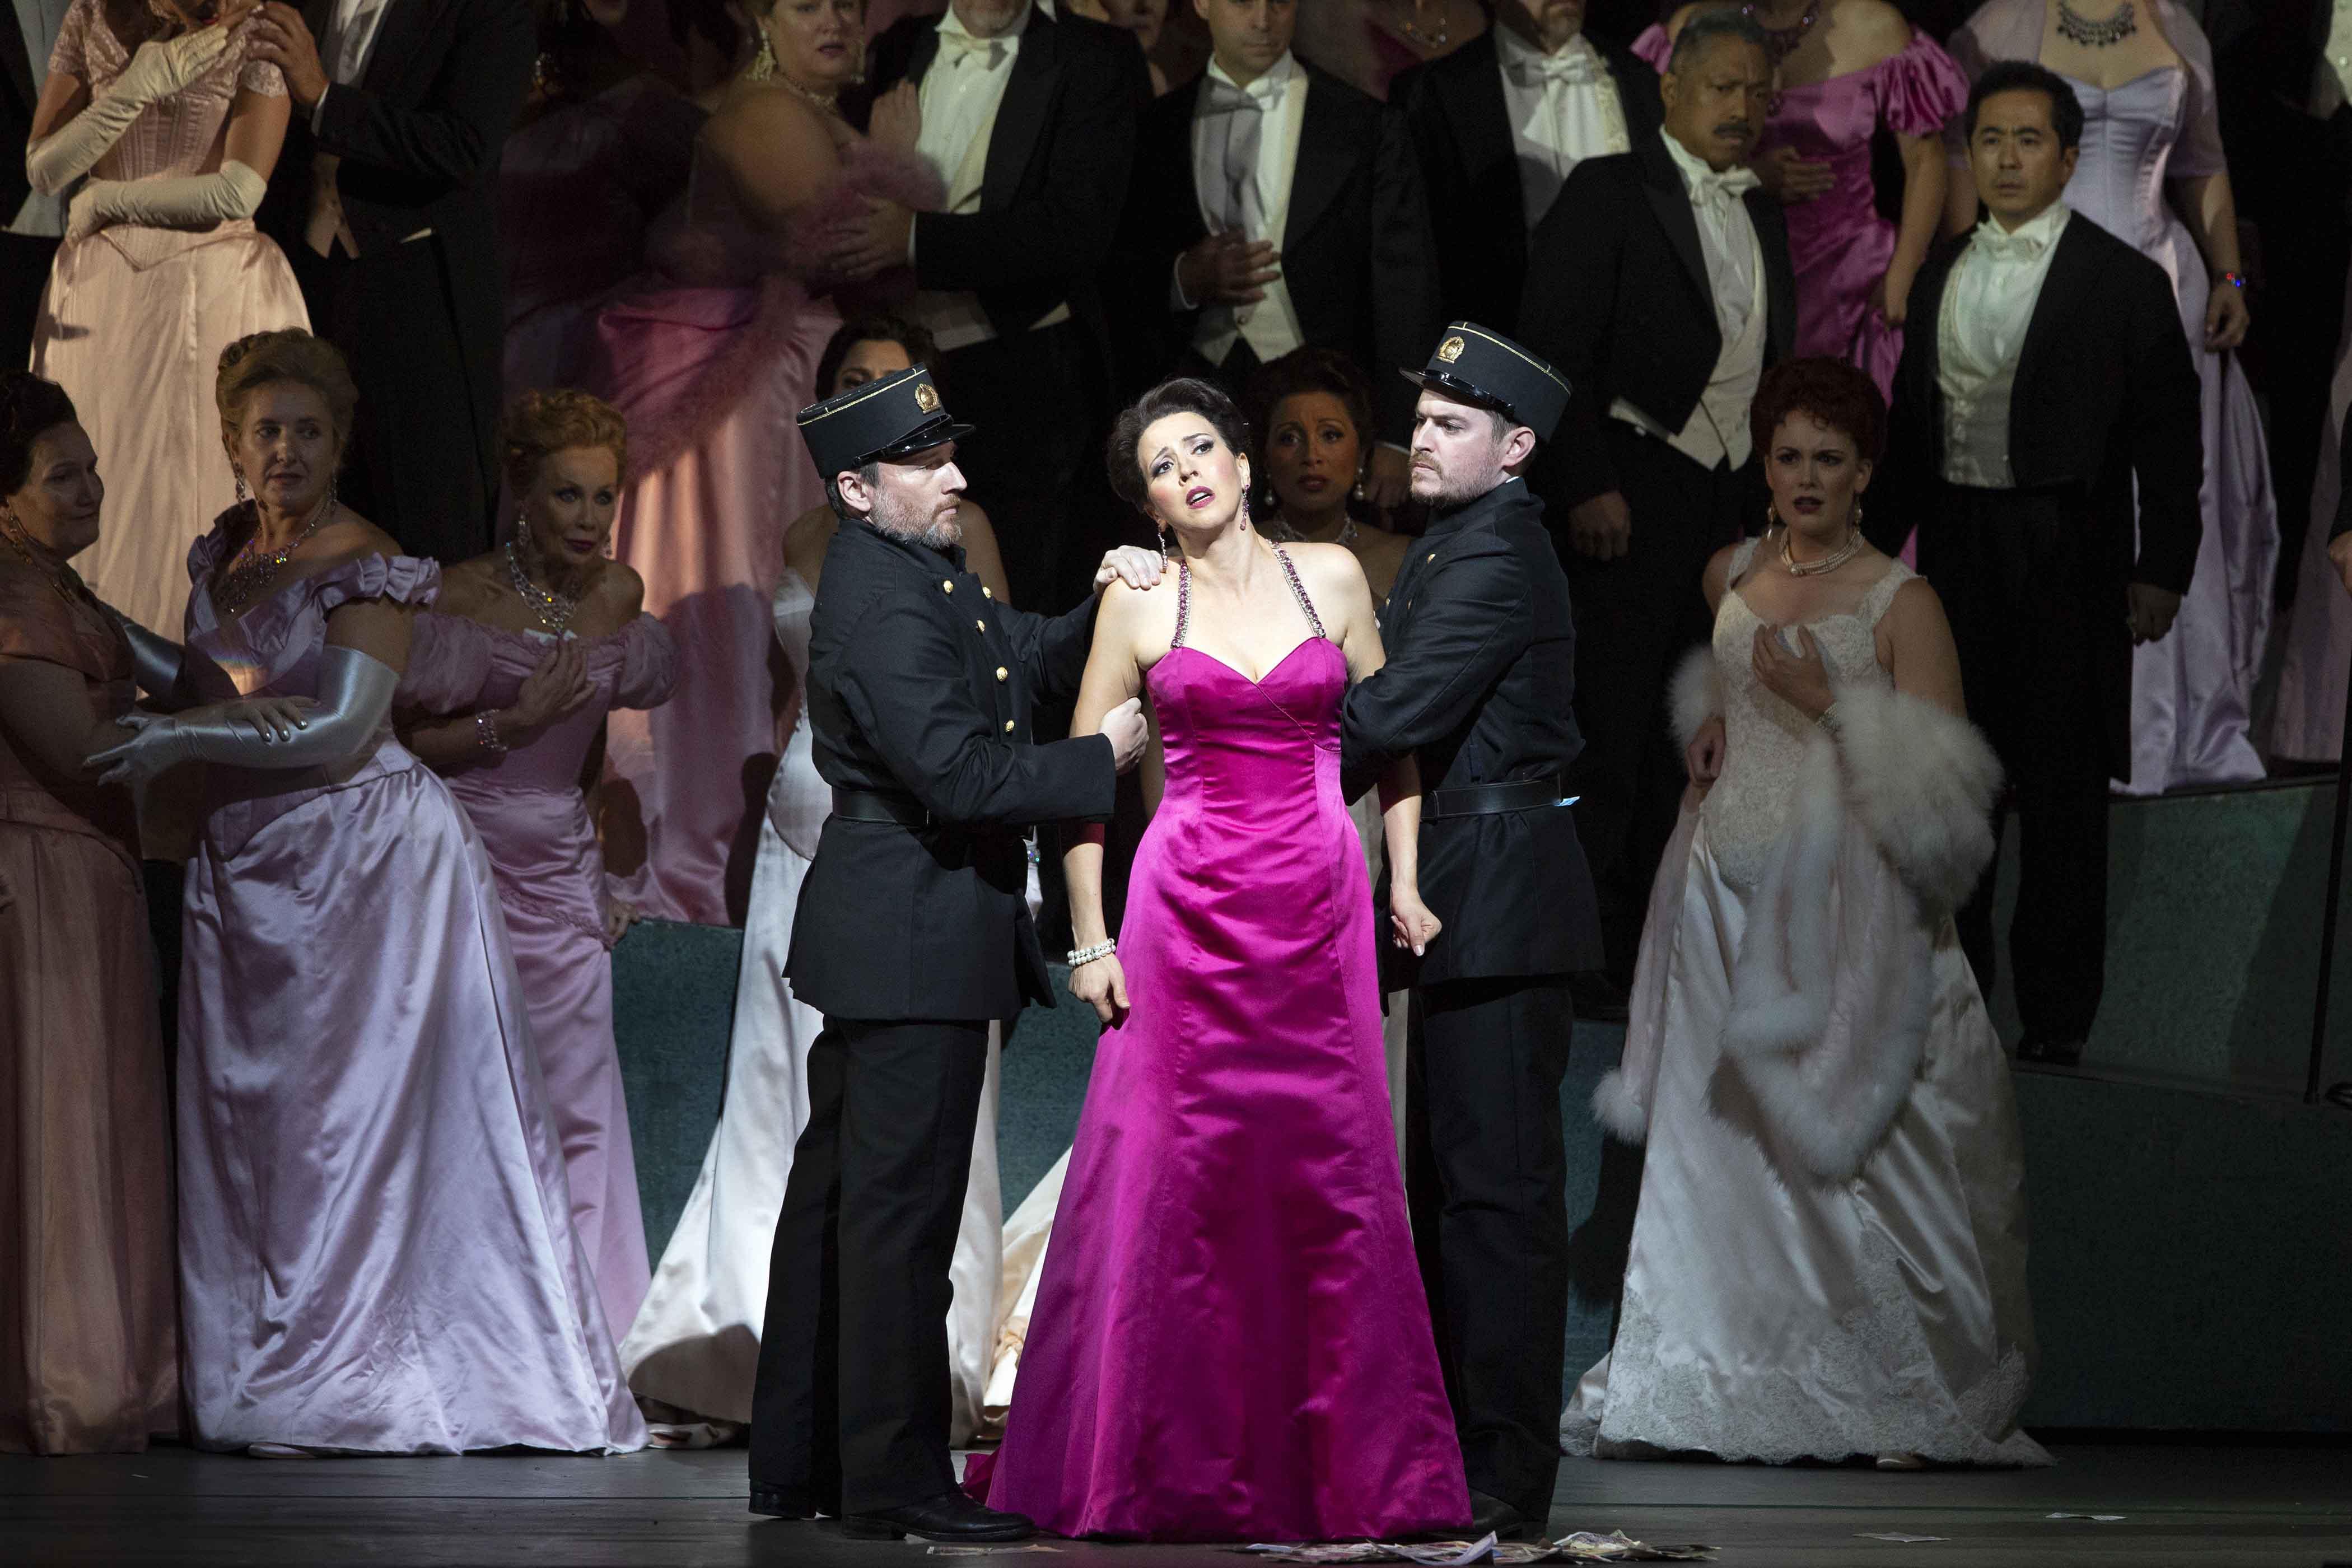 """Η Όπερα """"Μανόν"""" του Jules Massenet από την Κ.Λ.Α. στο δημοτικό θέατρο της Αλεξανδρούπολης"""